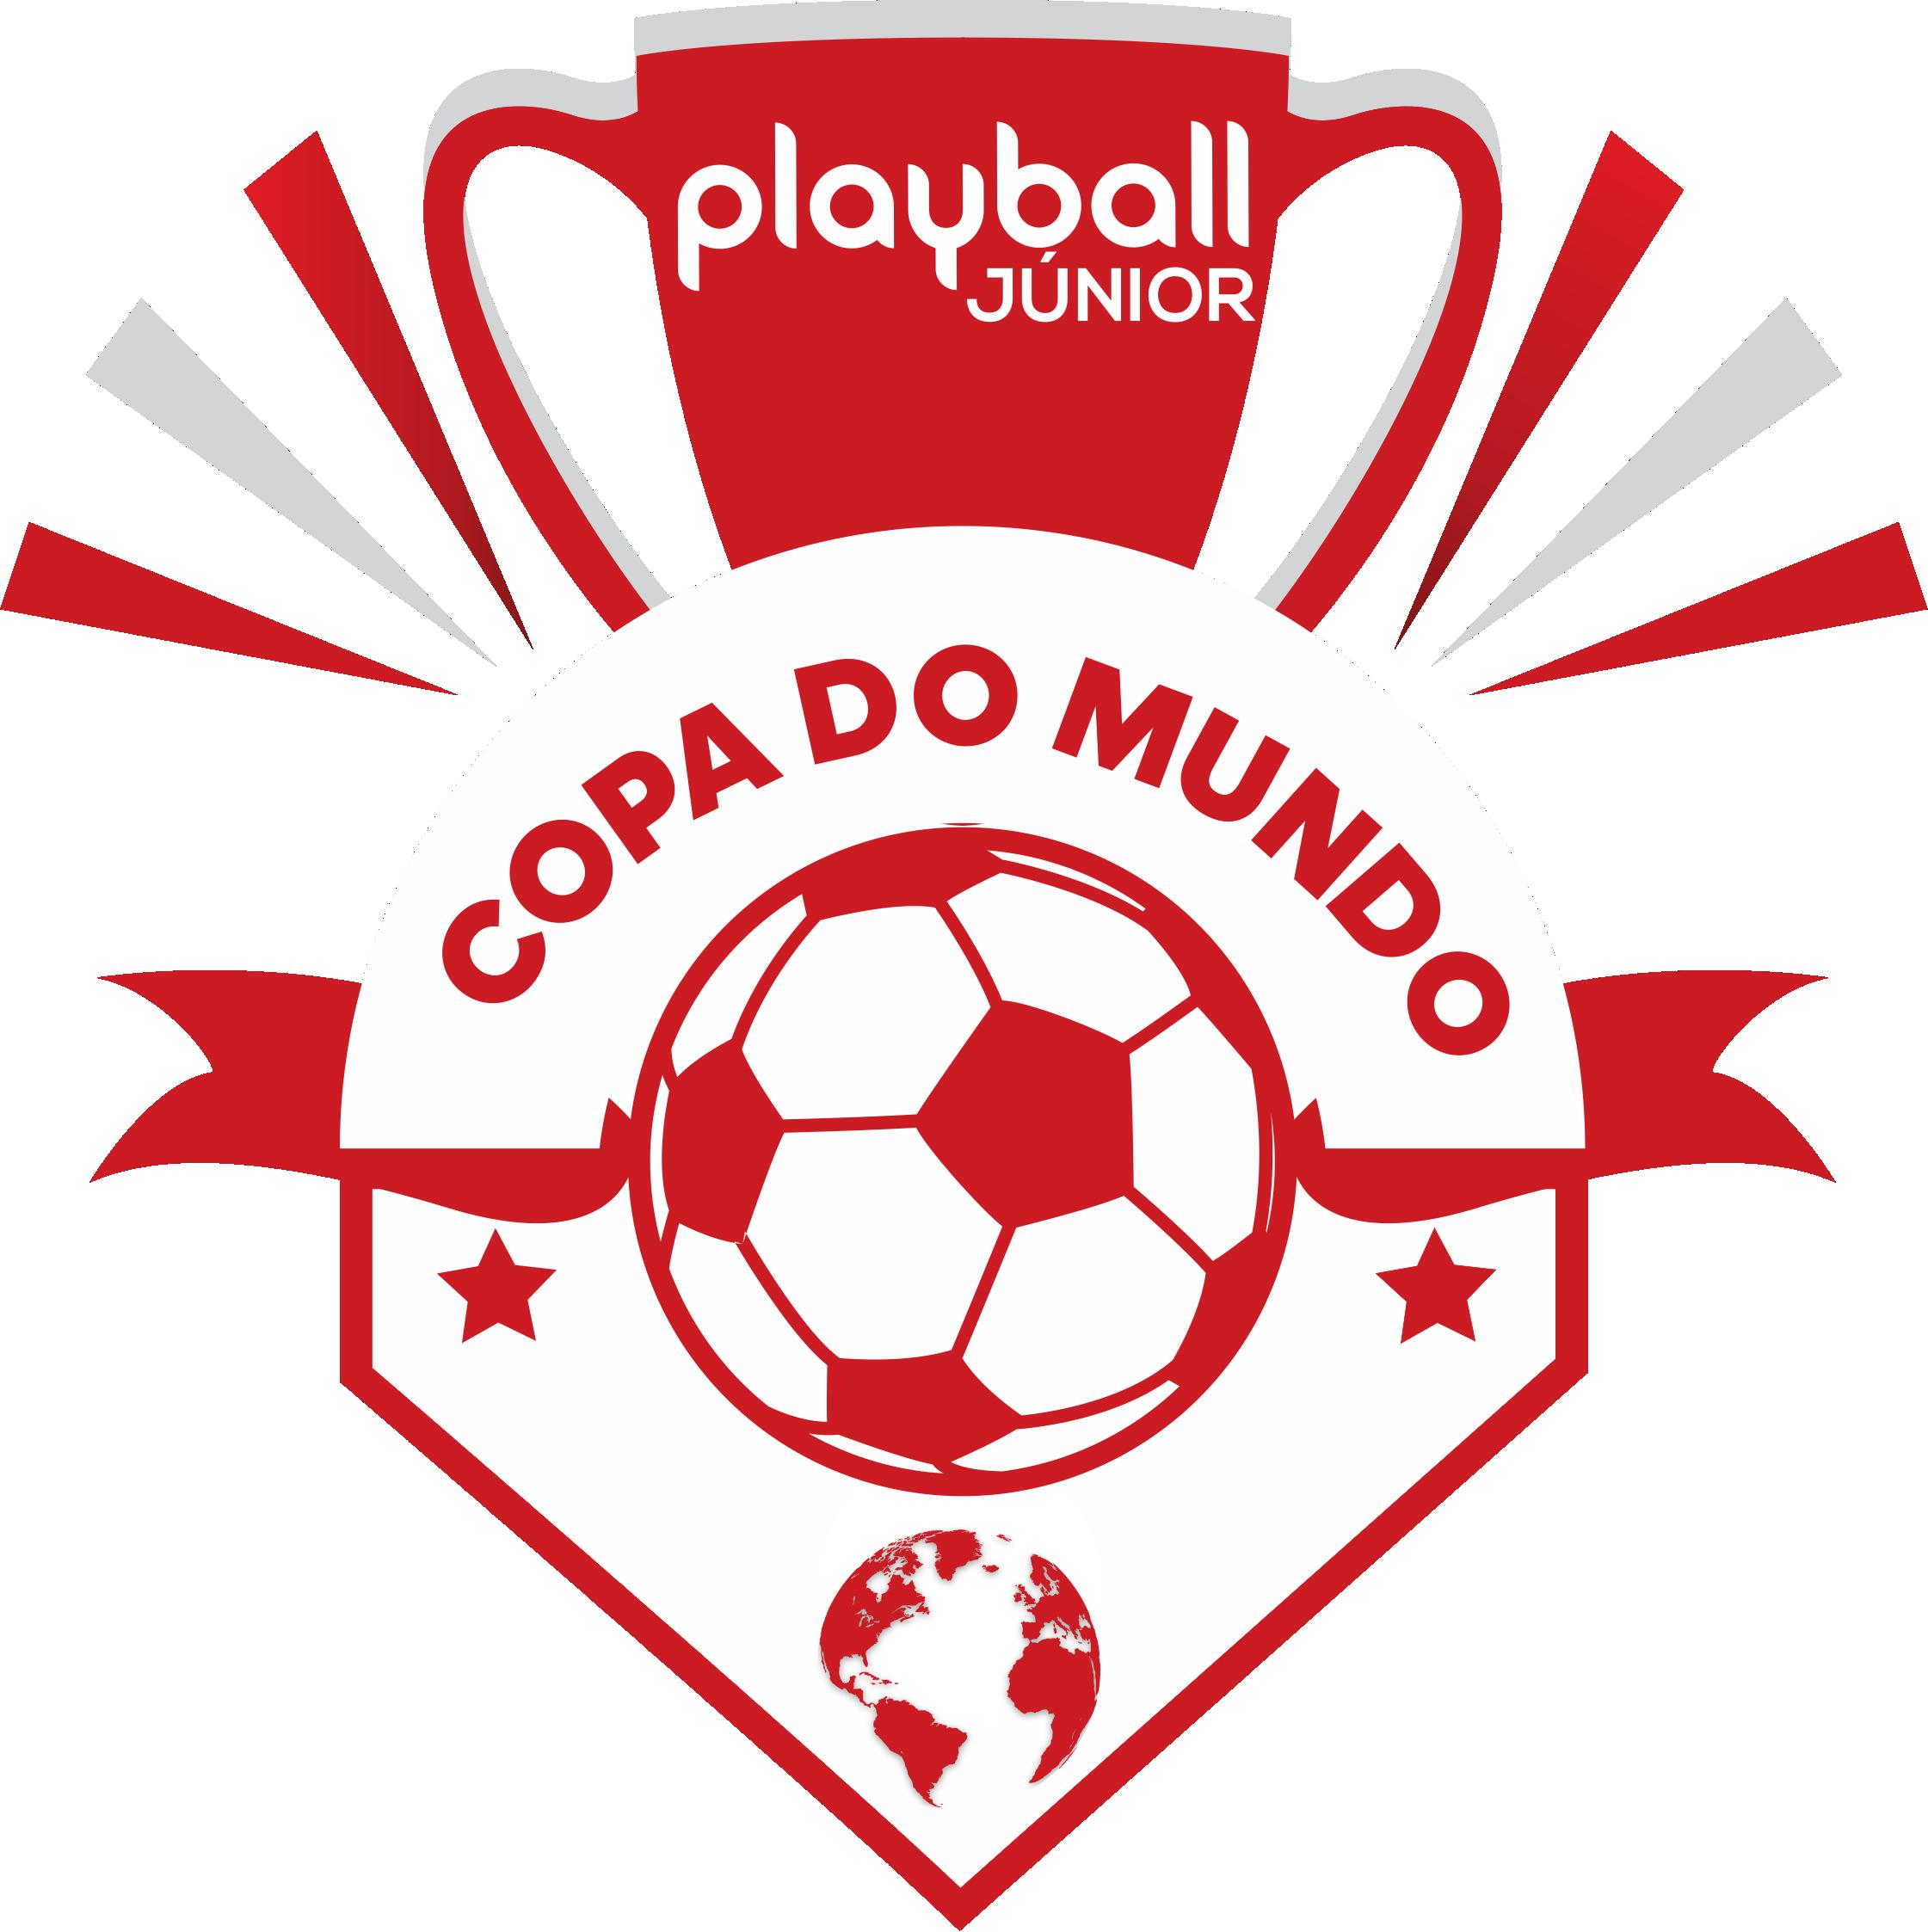 Copa do mundo Playball Jr Maiores Ipiranga, Anhaia Melo e São Caetano